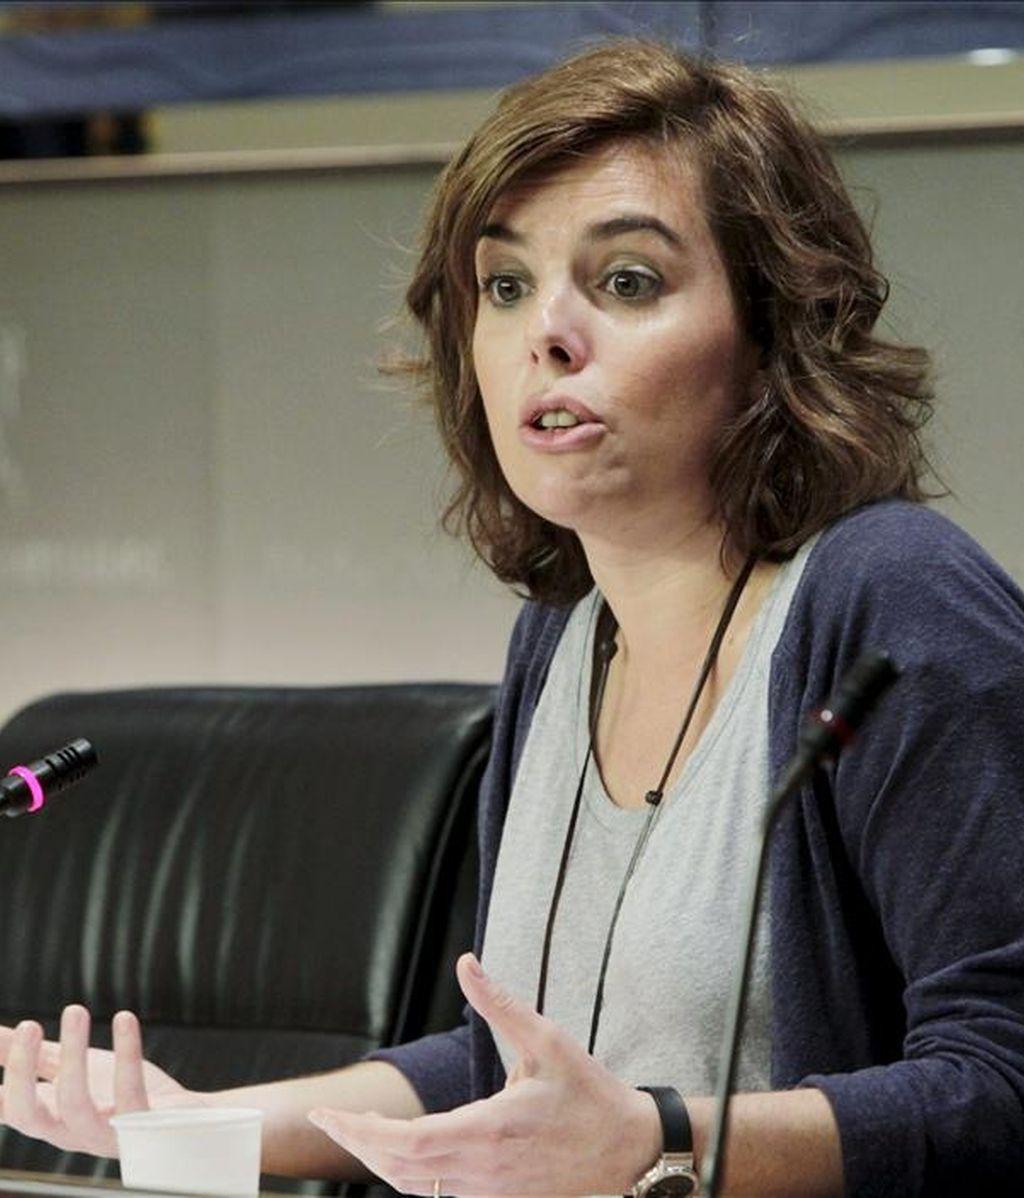 La portavoz del PP en el Congreso de los Diputados, Soraya Sáenz de Santamaría. EFE/Archivo